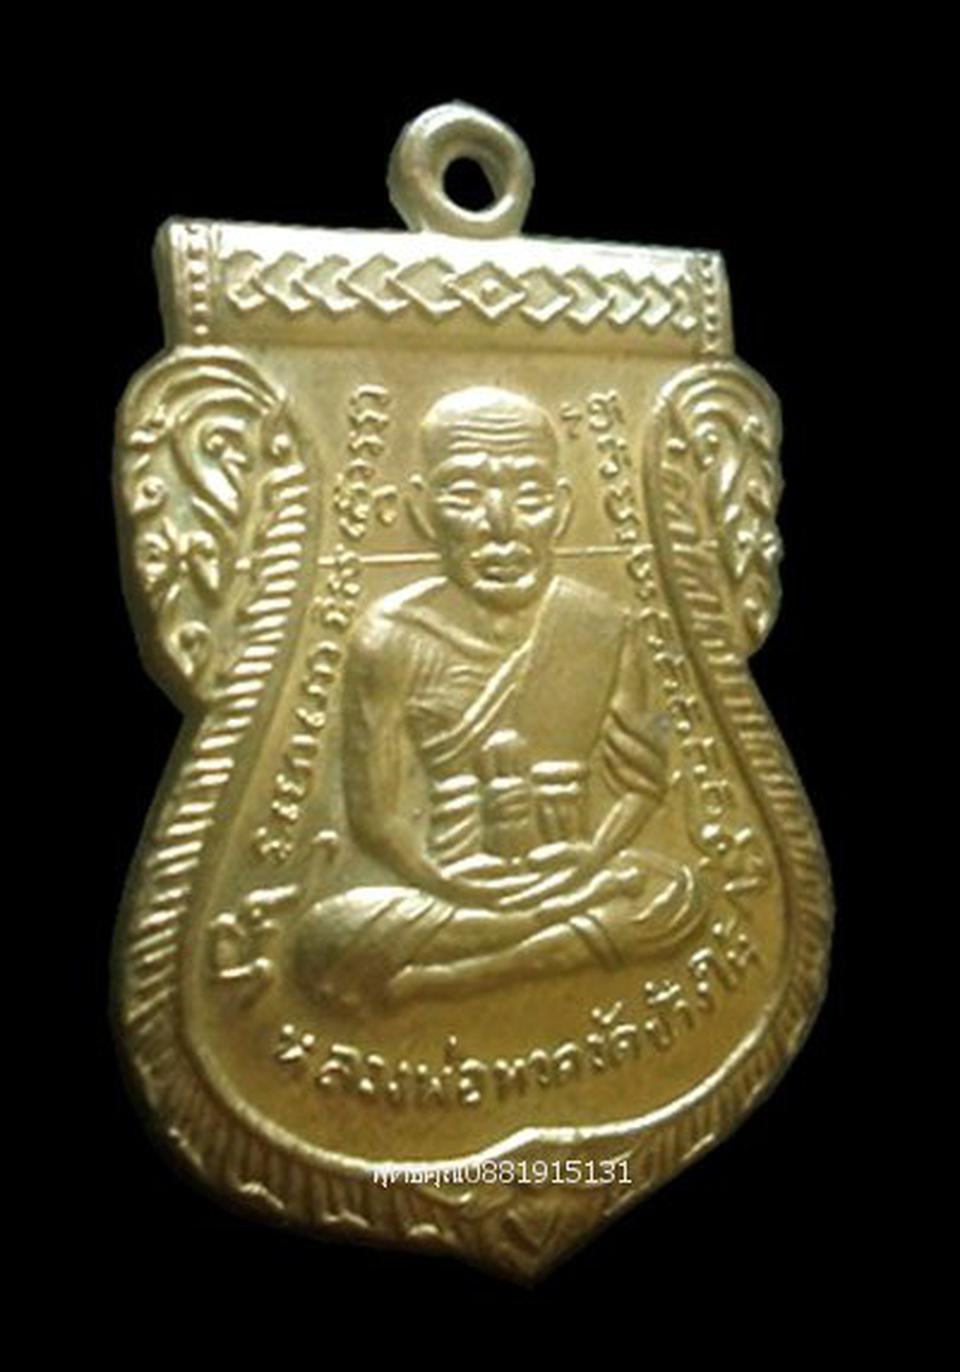 เหรียญหลวงปู่ทวด 100ปี อาจารย์ทิม วัดช้างให้ ปัตตานี 2555 รูปที่ 2